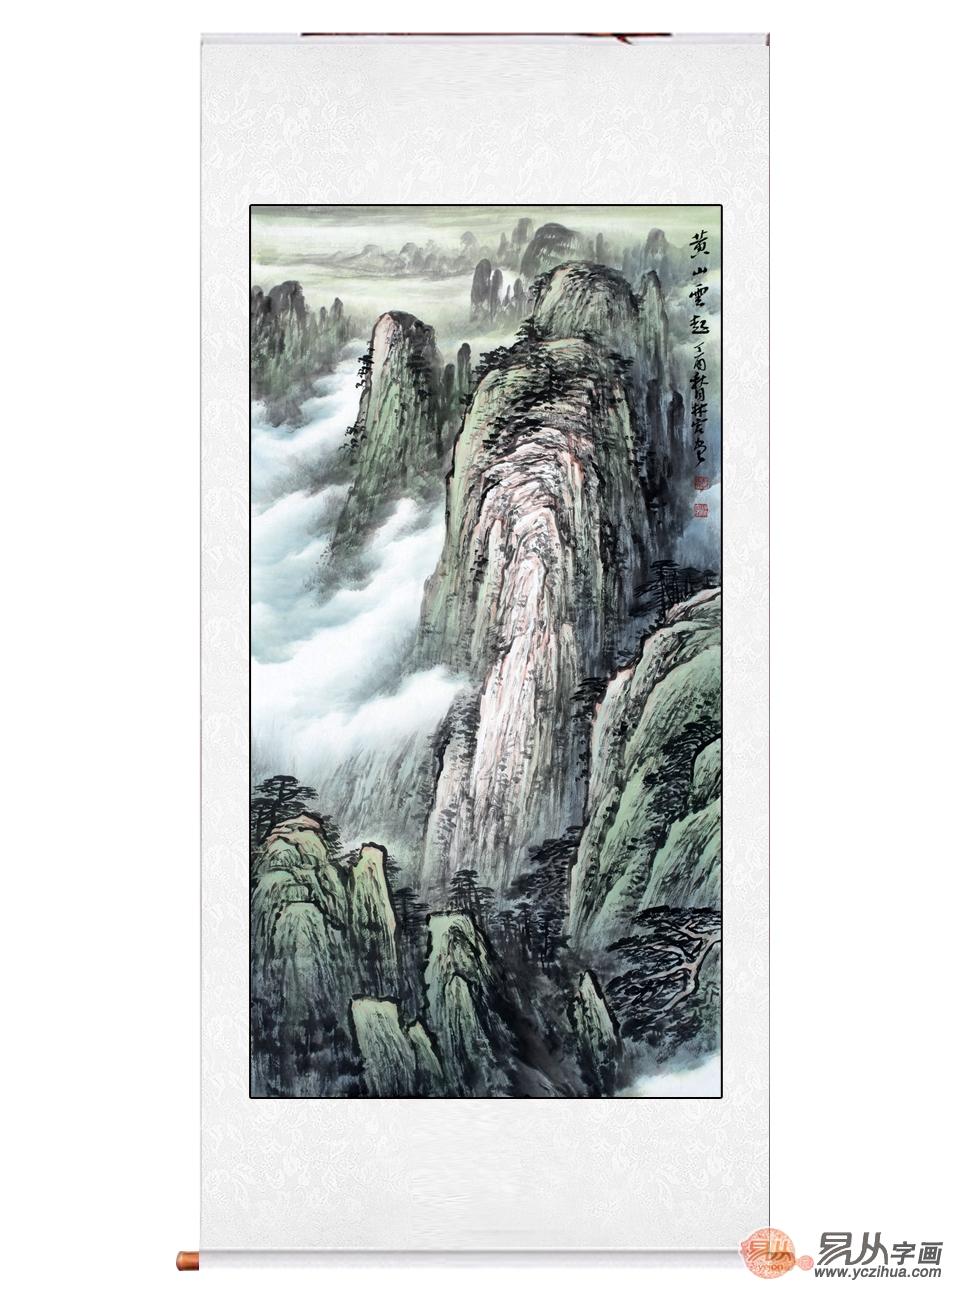 李林田摄影�y.�_李林宏最新三尺竖幅青绿山水画《黄山云起》